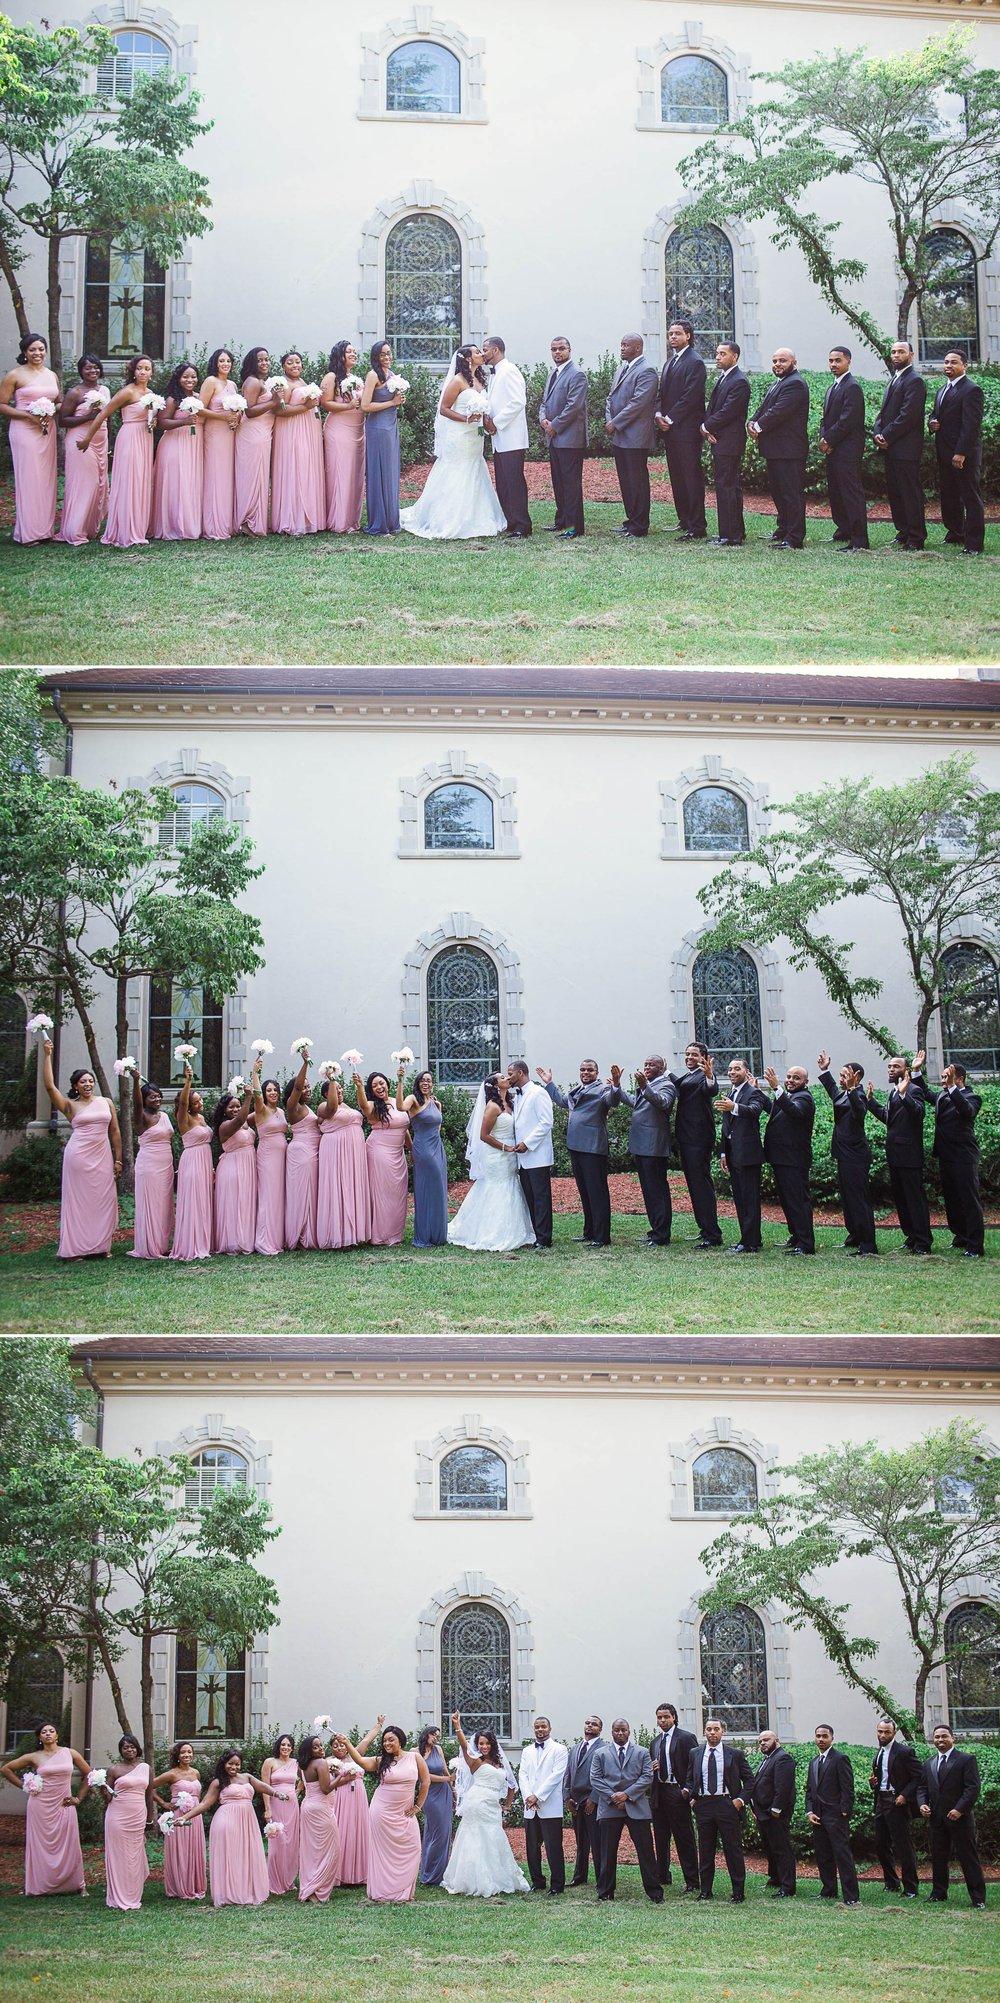 Bridal wedding photography at fort bragg main post chapel